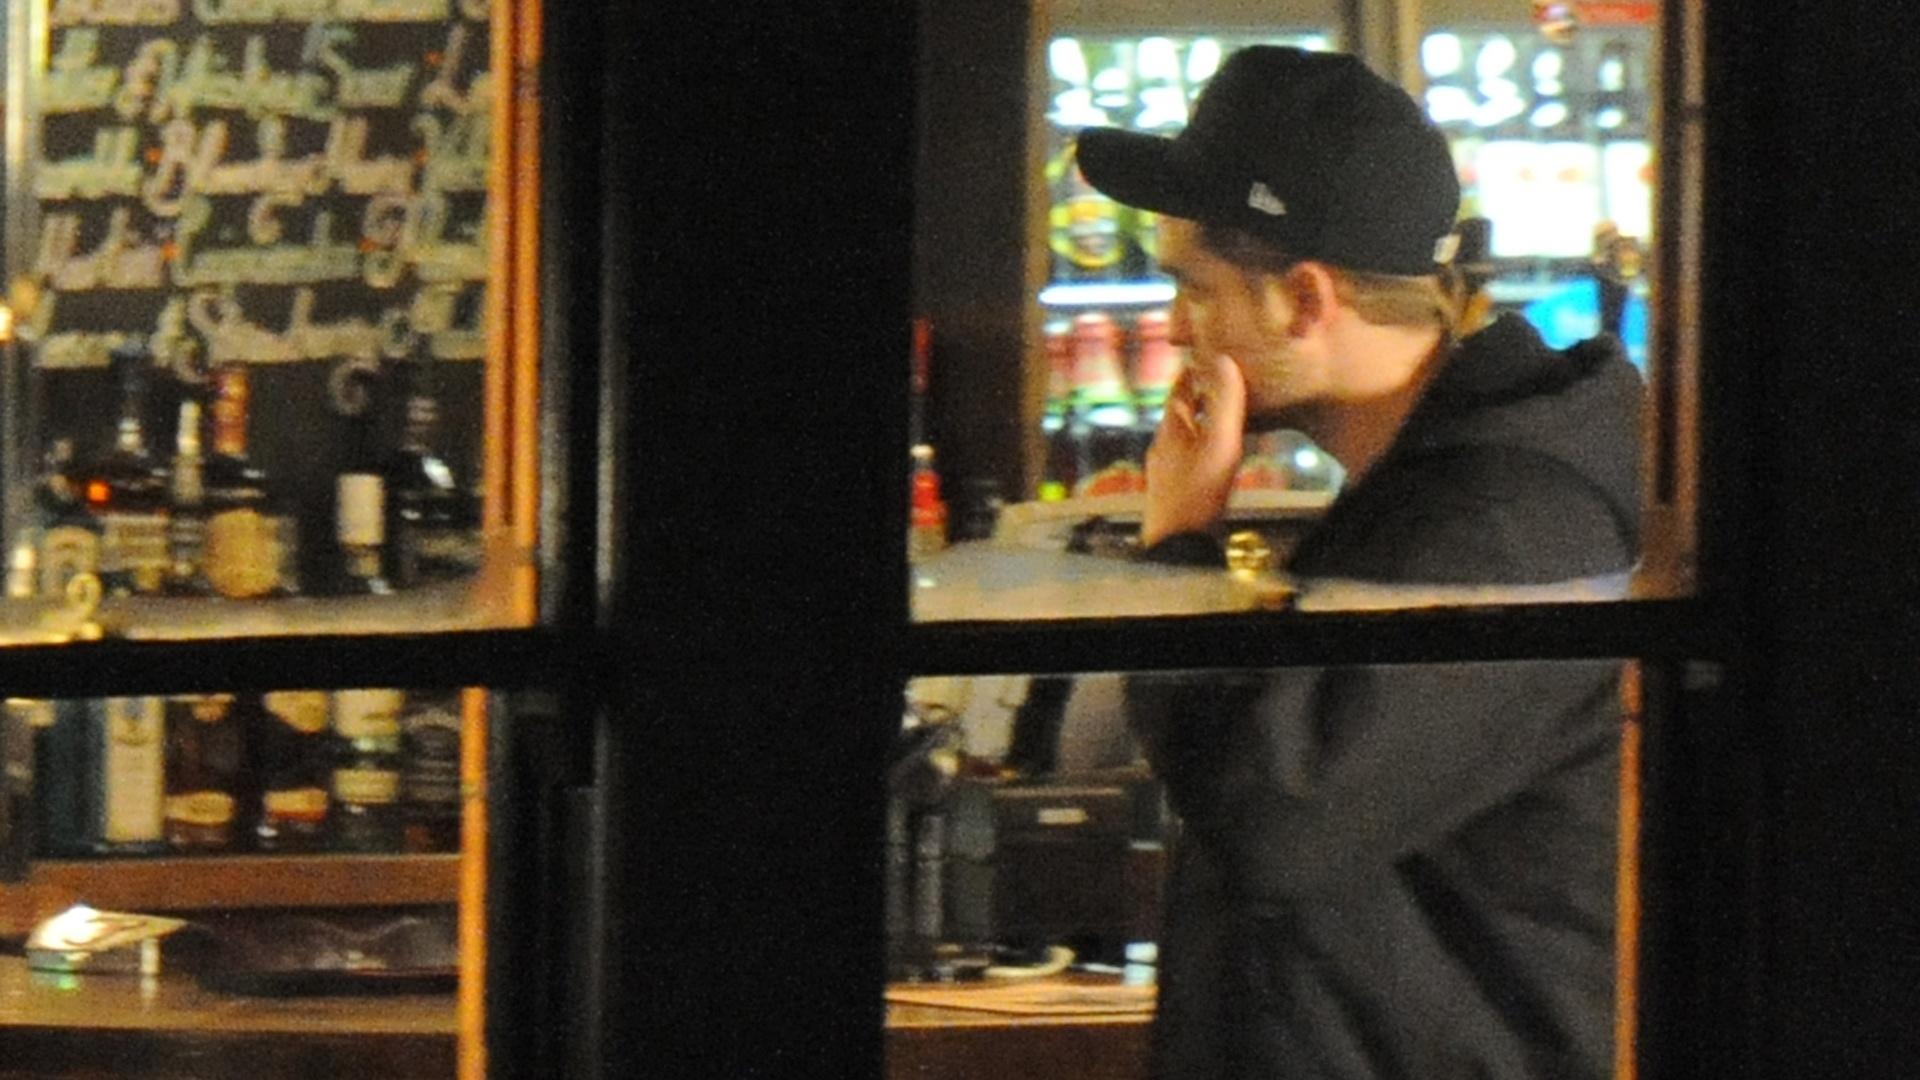 Robert Pattinson se diverte tomando umas e outras ao lado de amigos e da namorada, Kristen Stewart, num bar de Camden Town, bairro de Londres (23/11/11).